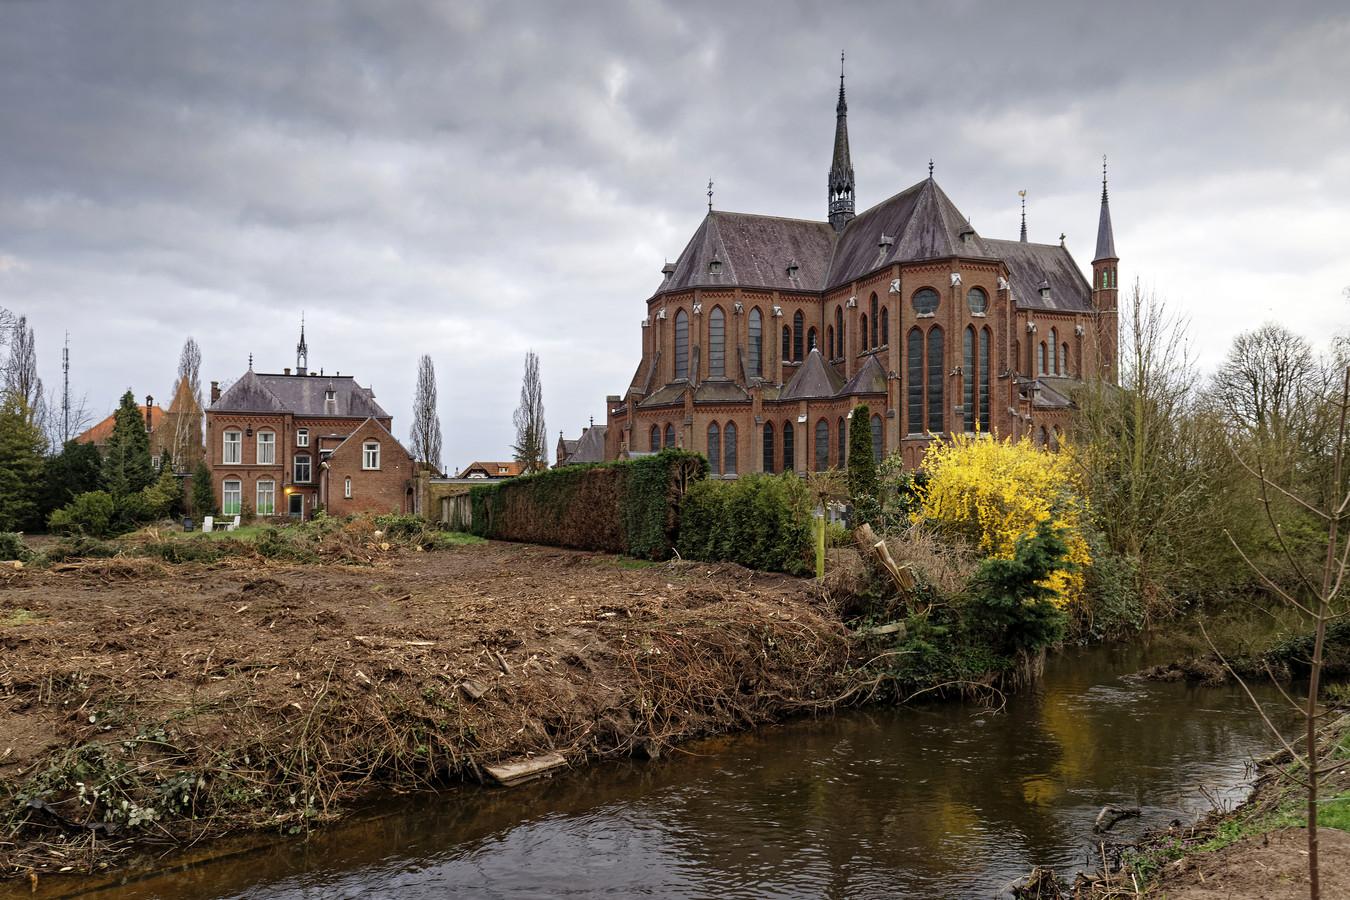 De kale pastorietuin bij de Heilig Hartkerk in Boxtel.